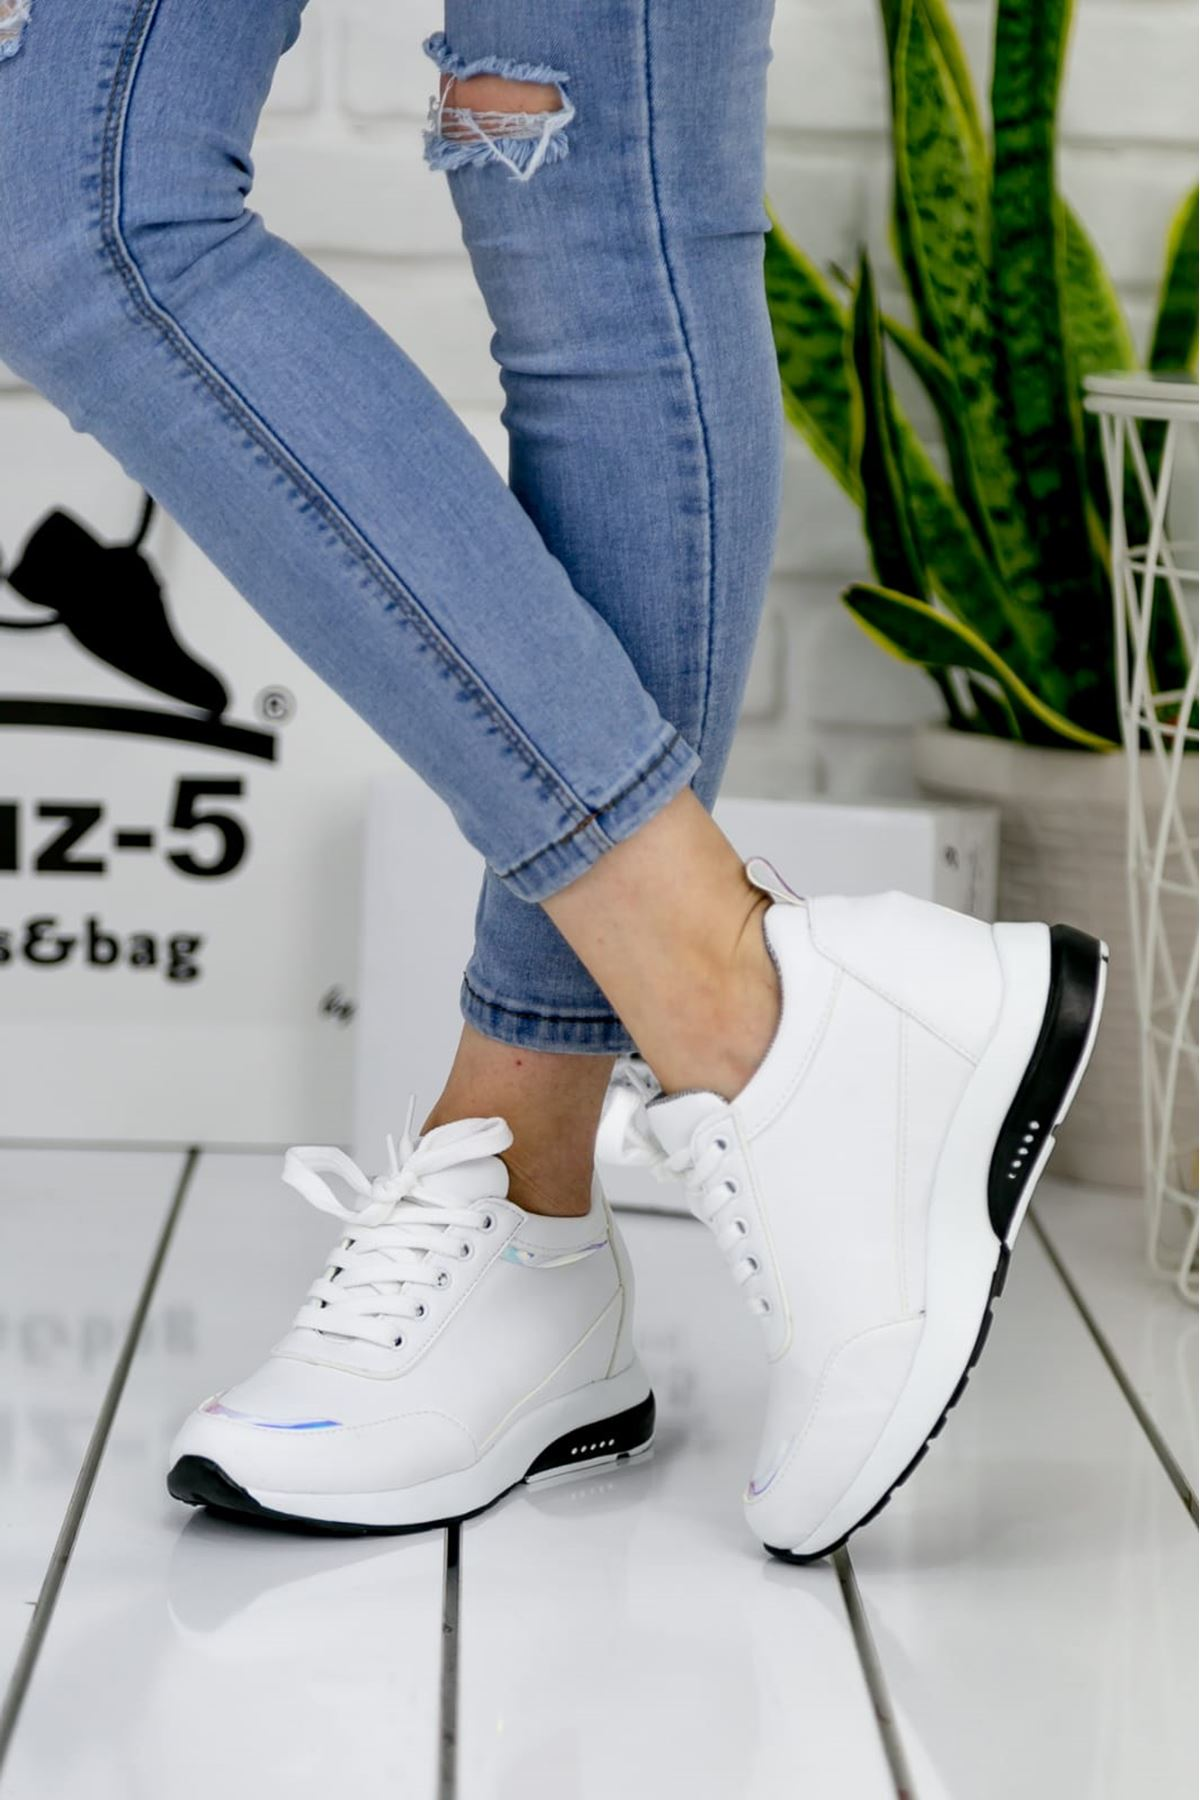 For514 Beyaz Bağcık Detaylı Kadın Spor Ayakkabı